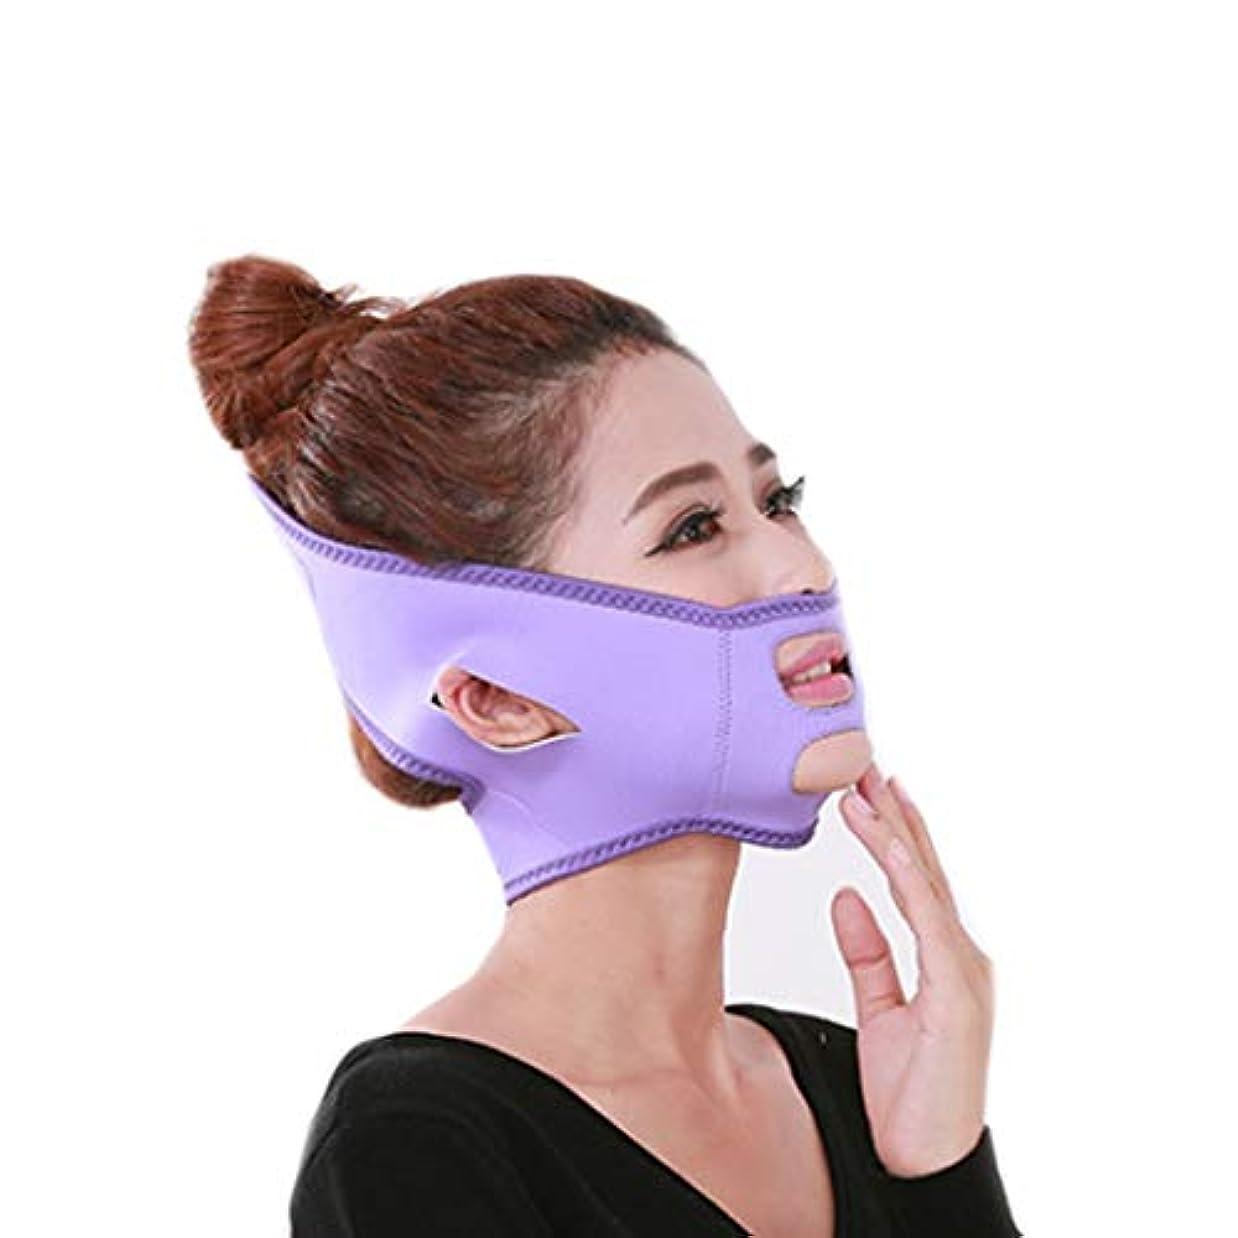 リサイクルするうなずく敬礼フェイスリフトテープ&バンド、フェイススリミングマスク、ダブルチン、ダブルチンリデューサー、シワ防止マスク、リフティングシェイプ(フリーサイズ) (Color : Purple)